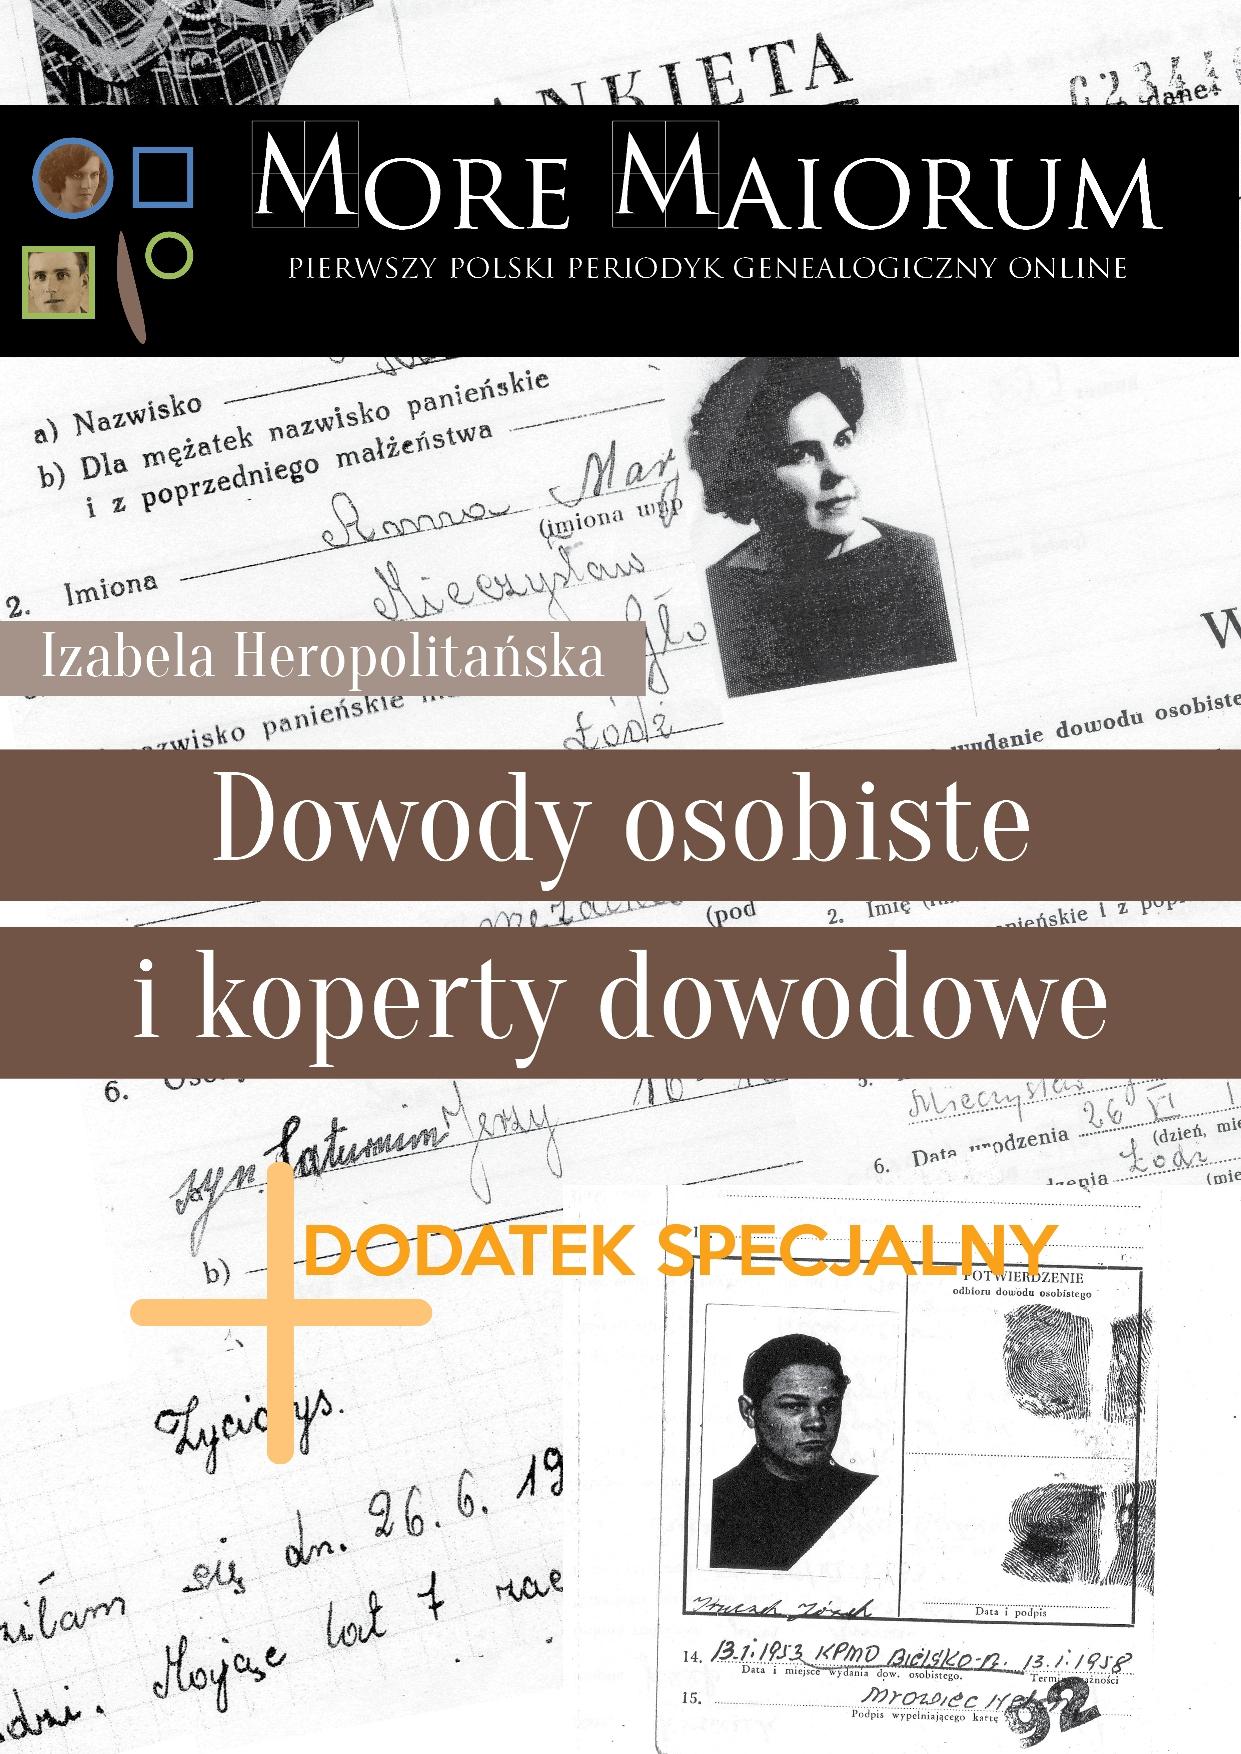 Koperty_dowodowe_dodatek_specjalny